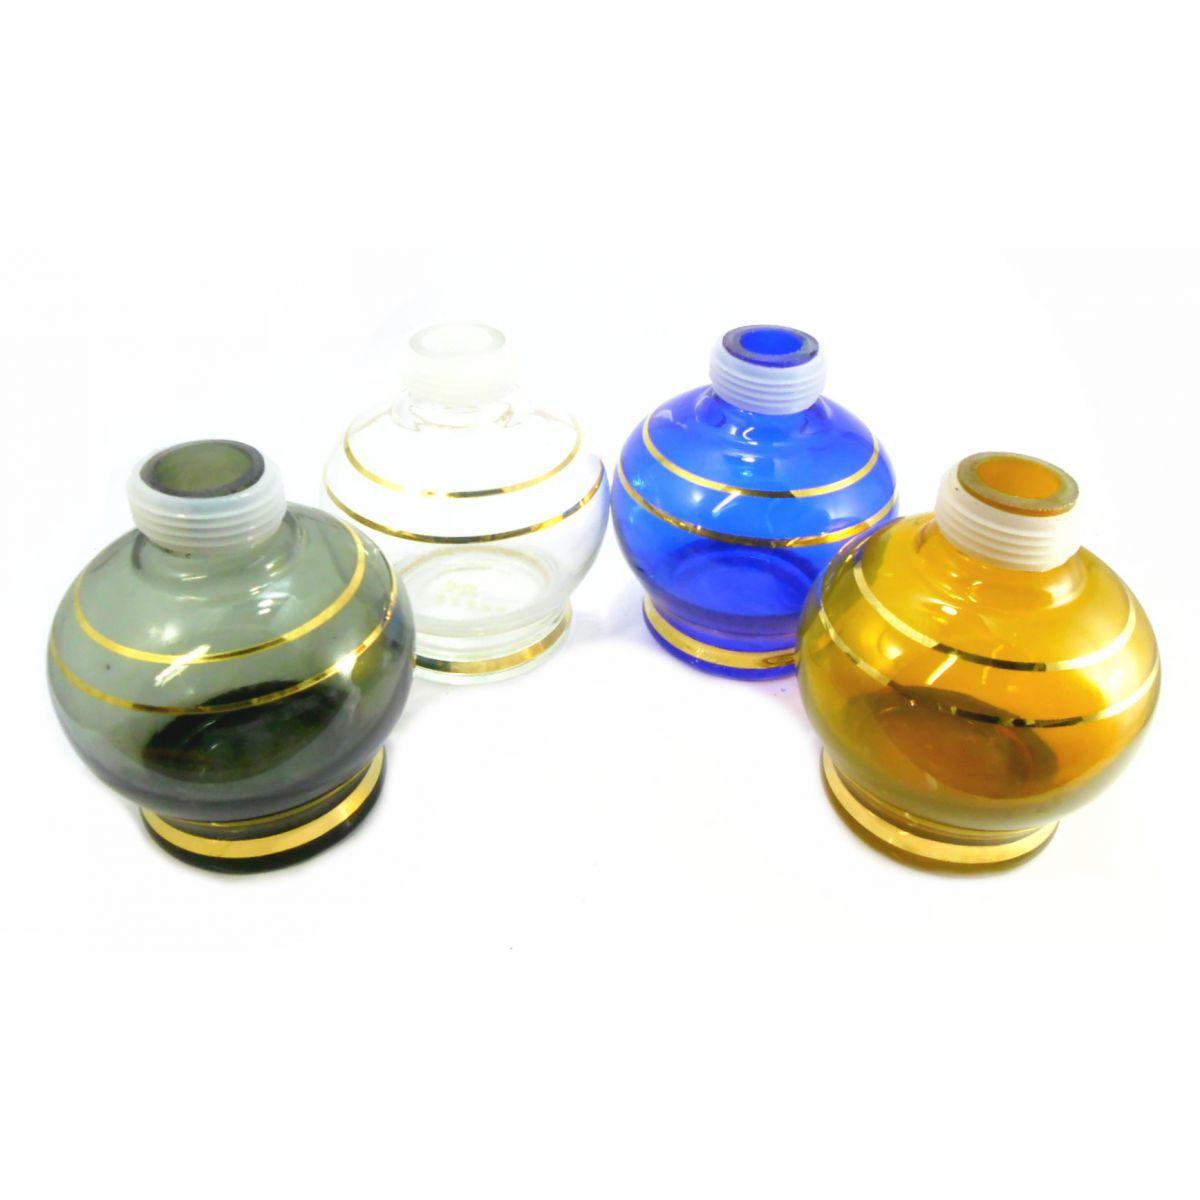 Vaso/base para narguile Kimo (15cm), bojudo, com LISTRA DOURADA. Encaixe macho (interno). Amarelo